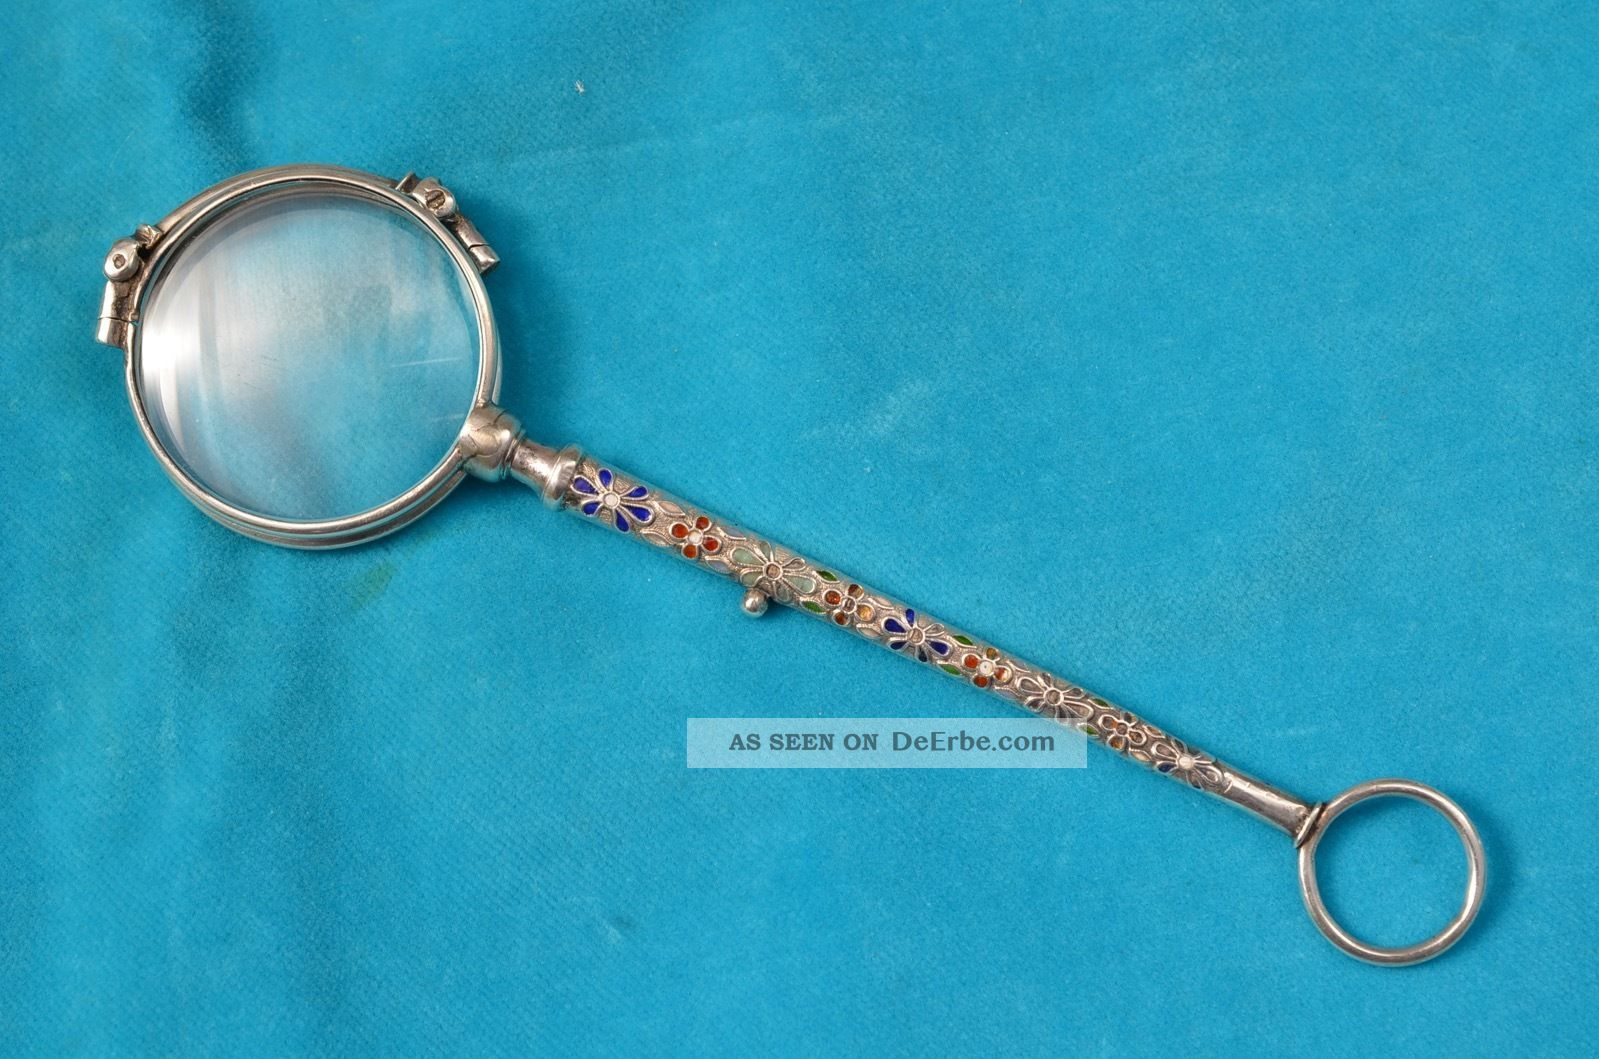 Antikes Jugendstil Lorgnon Mit Verzierten Emaillierten Griff Silber 800 Um 1900 Optiker Bild